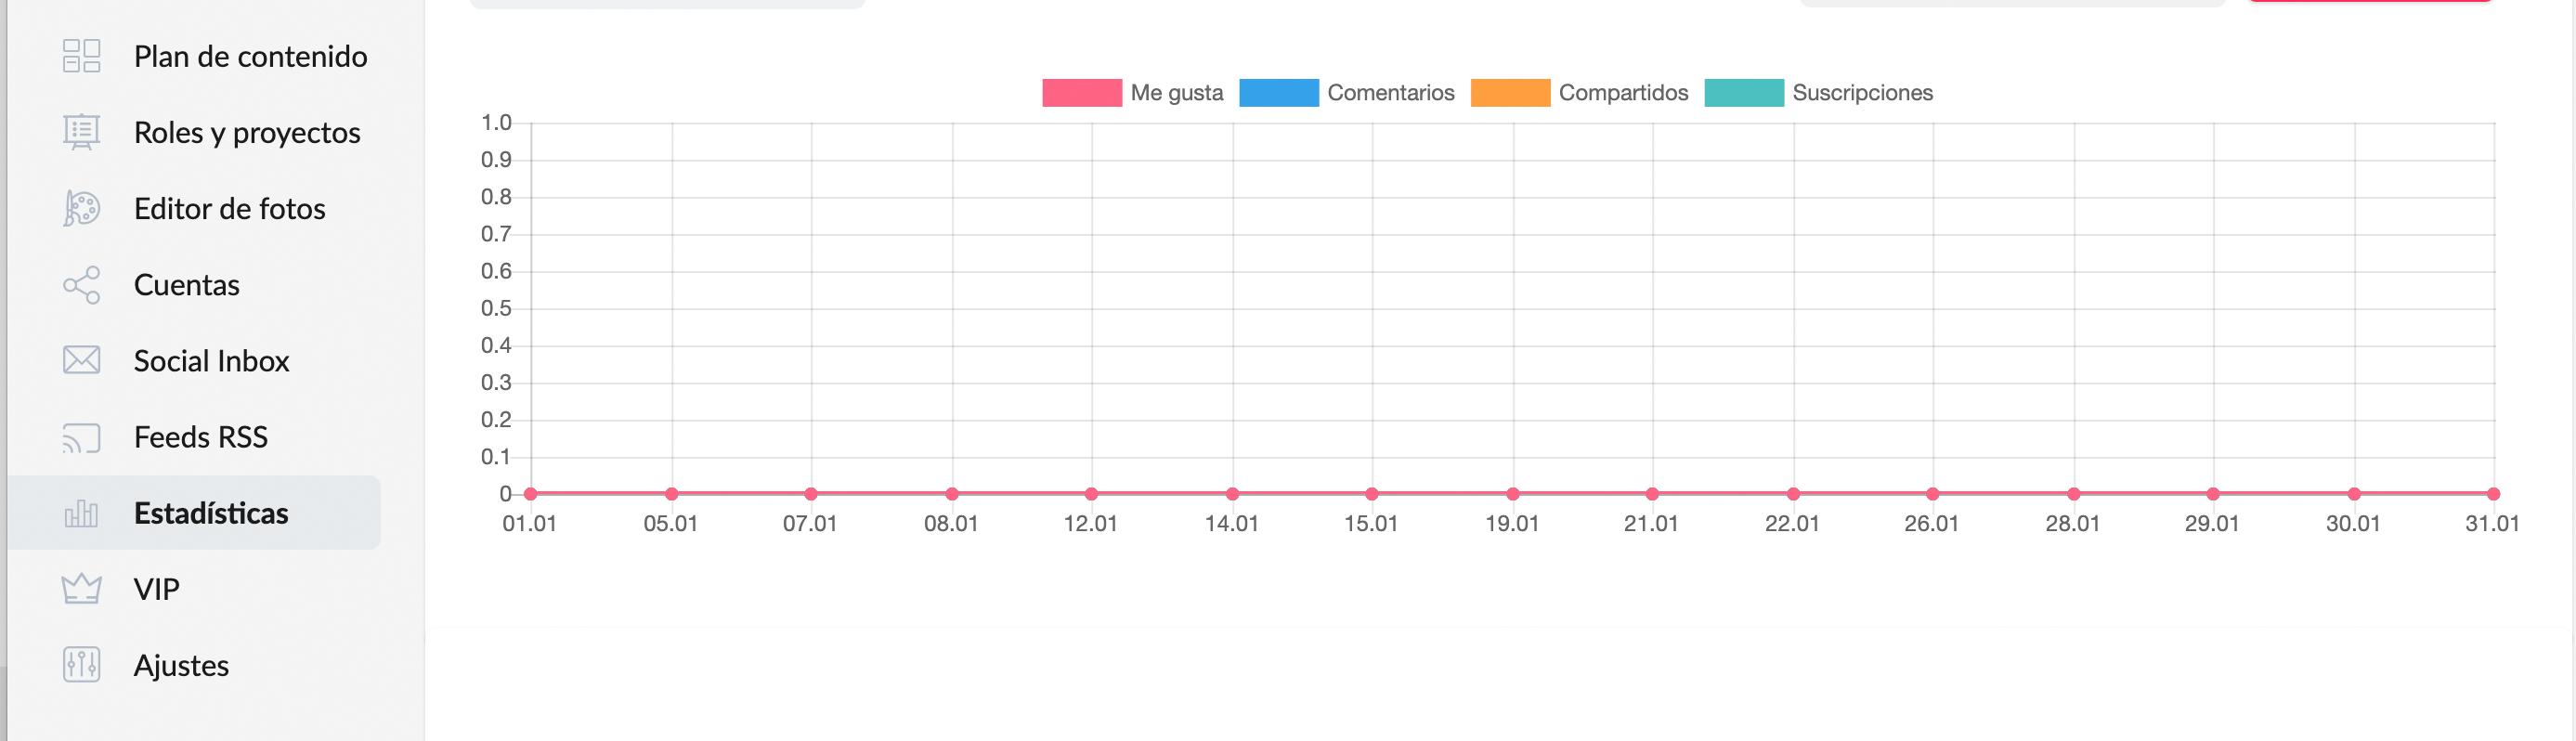 Cómo automatizar la publicación en redes - Imagen 8